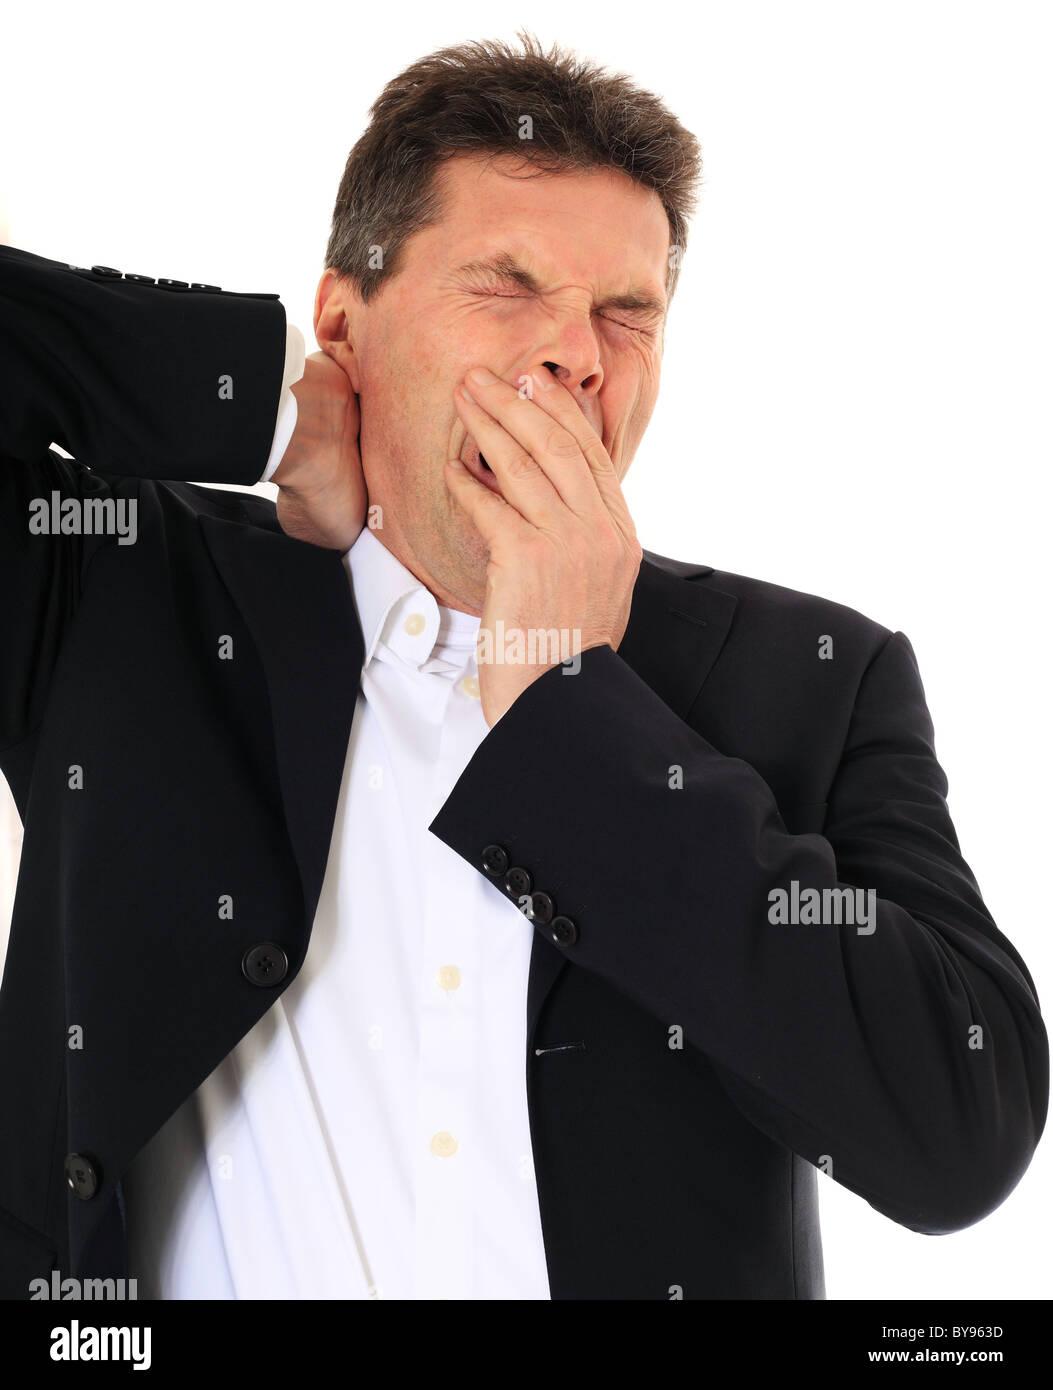 Müde Mann mittleren Alters. Alle auf weißem Hintergrund. Stockbild